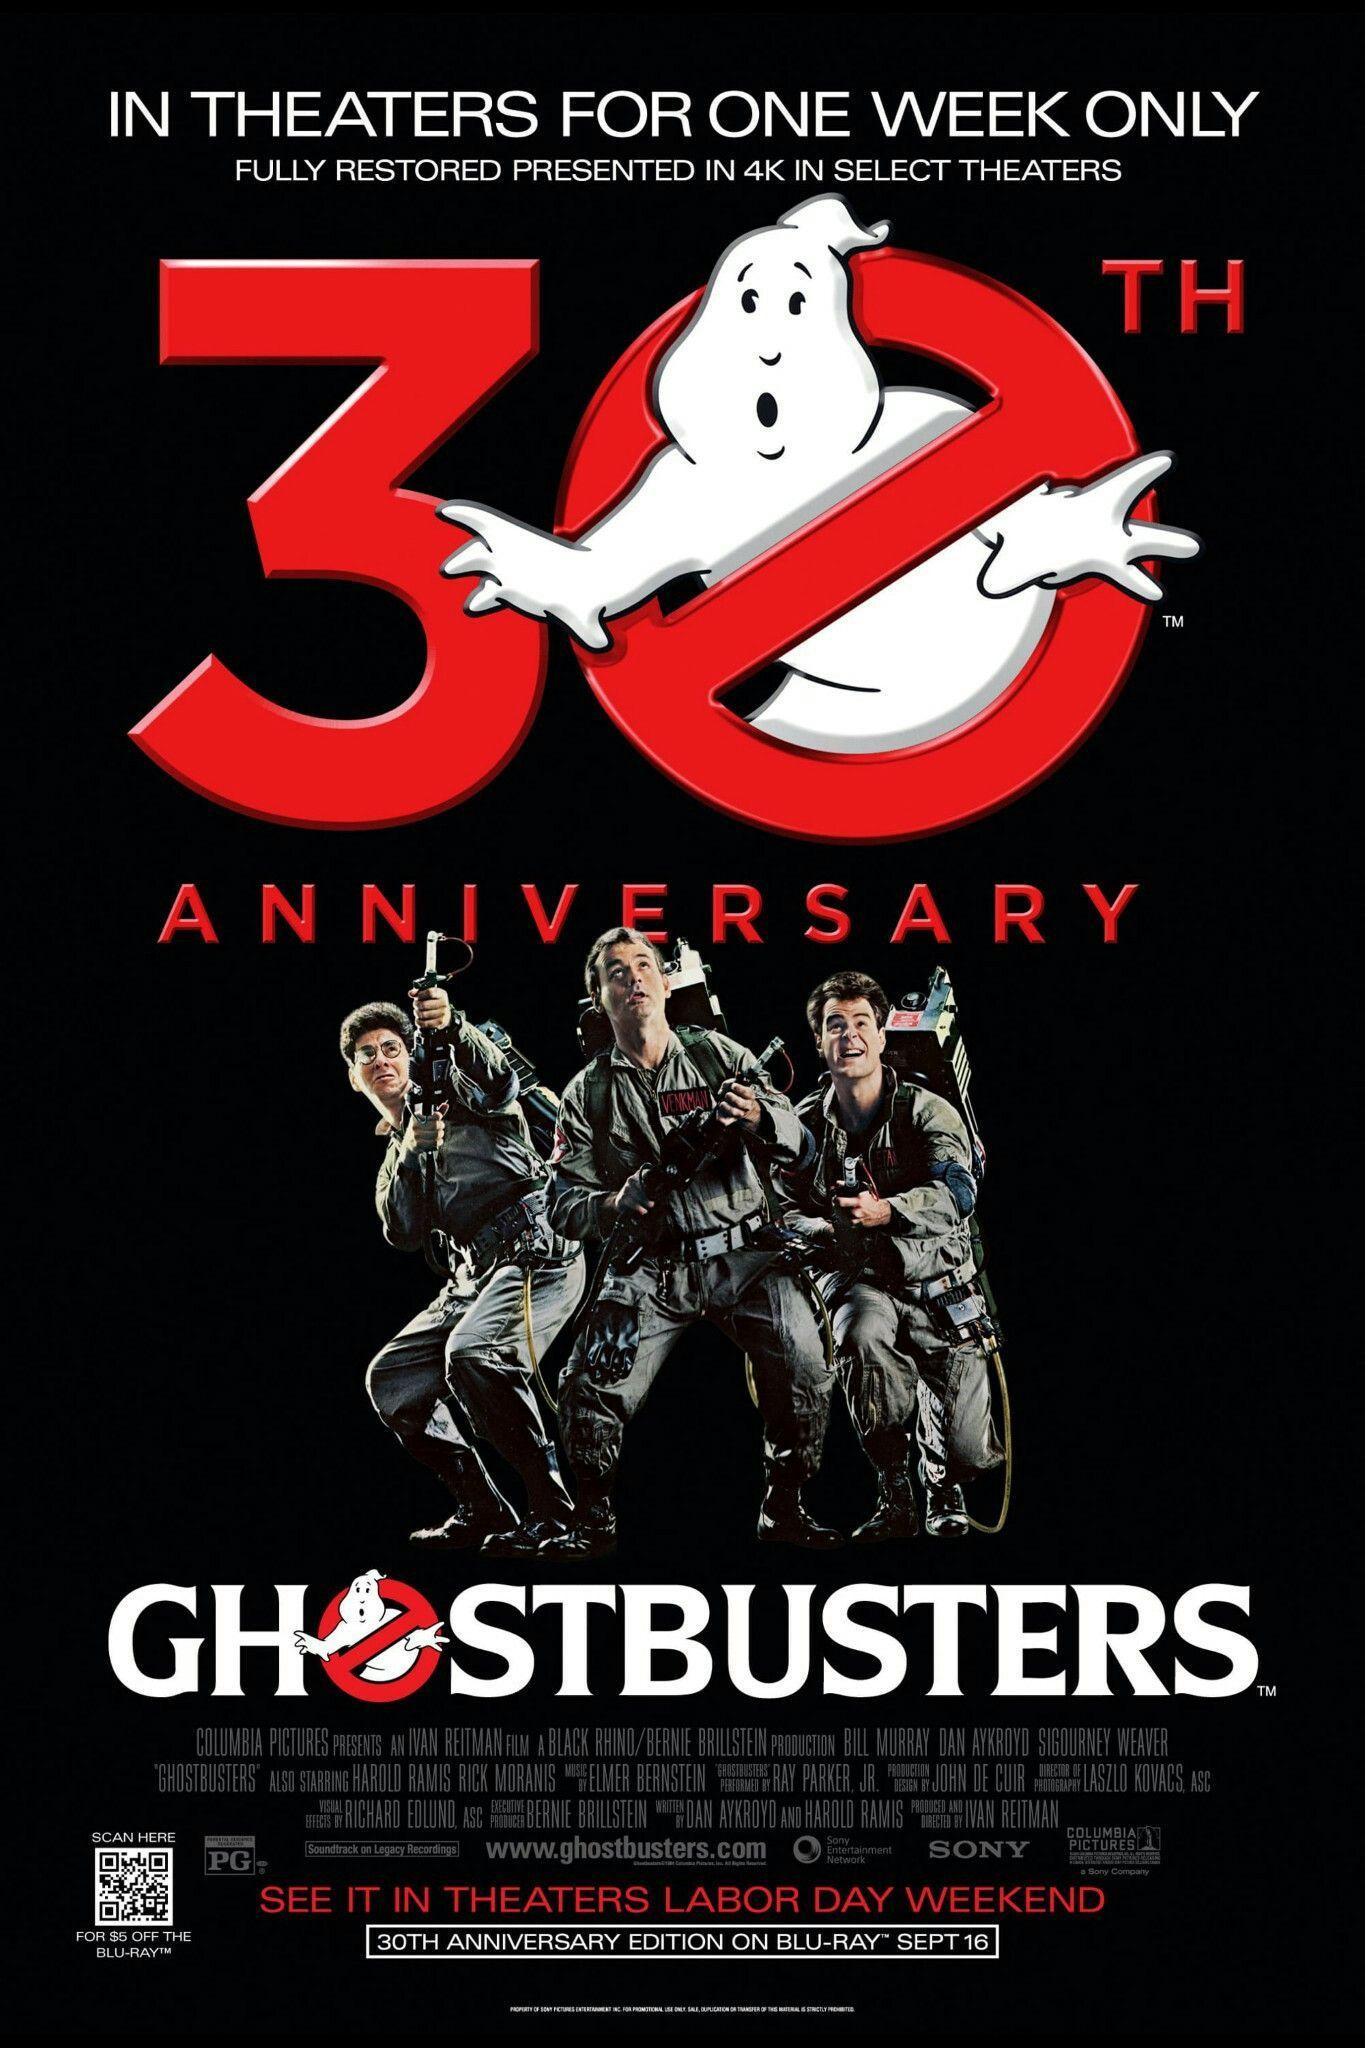 Ghostbusters Afterlife Jason Reitman Dan Aykroyd Movie 2020 Poster Art Print